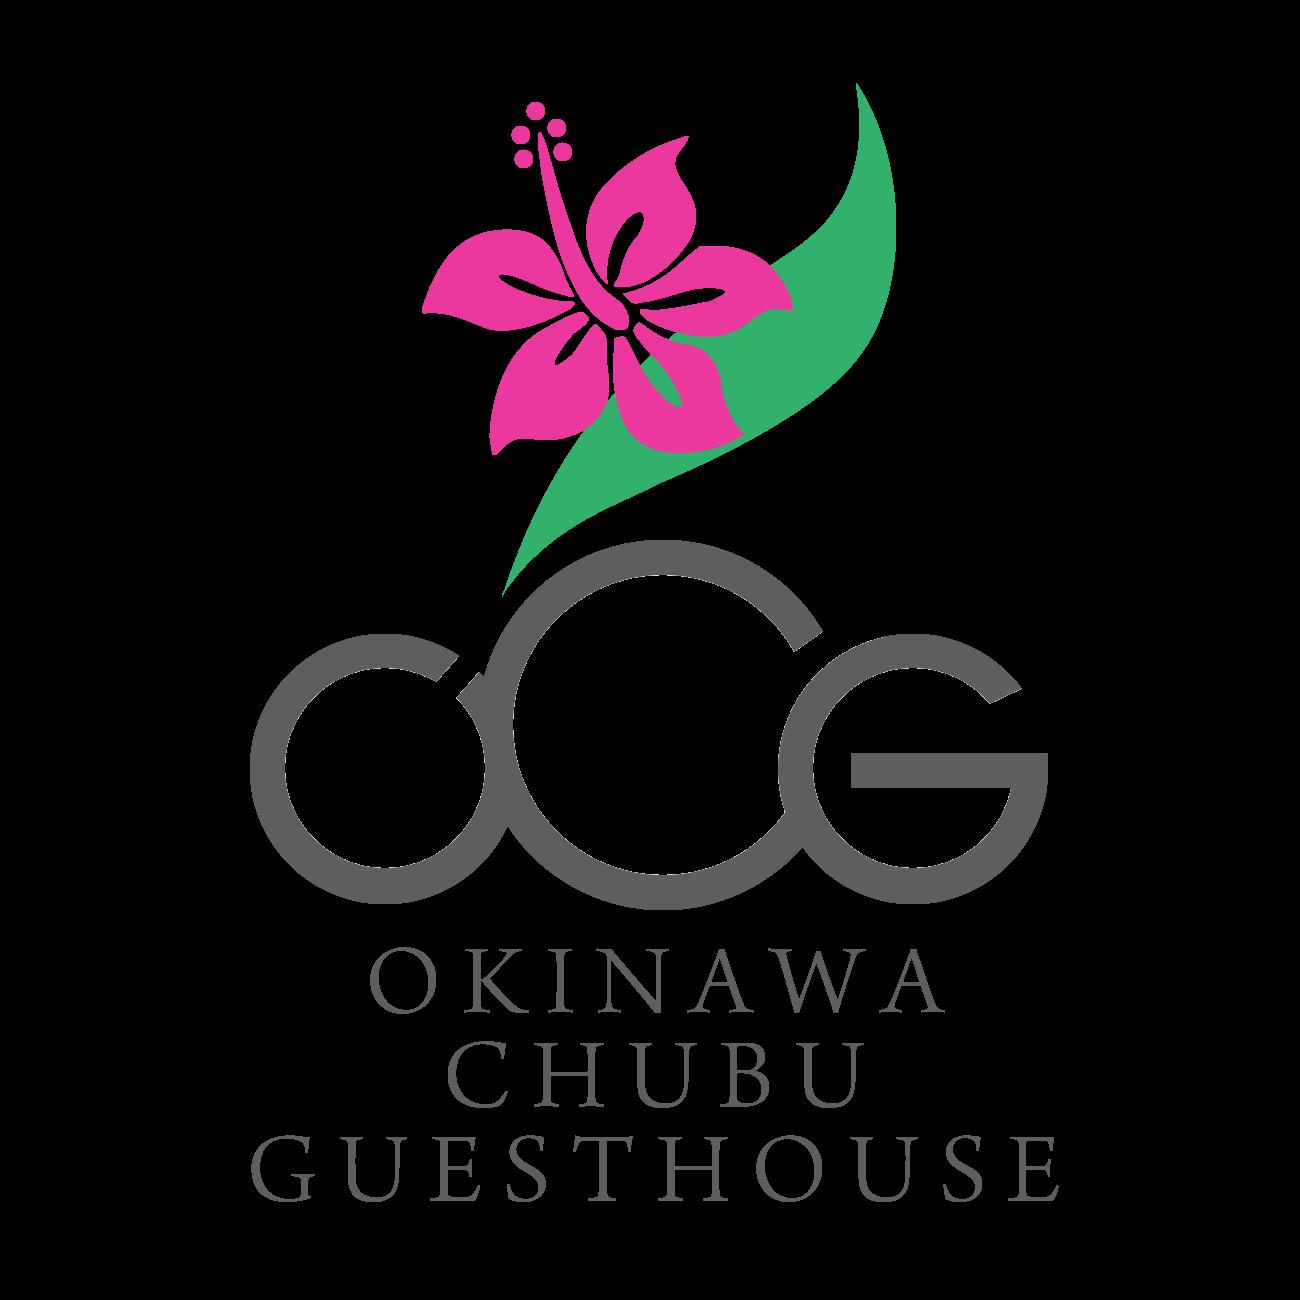 沖縄中部での宿泊、コンドミニアム&貸し別荘コテージ